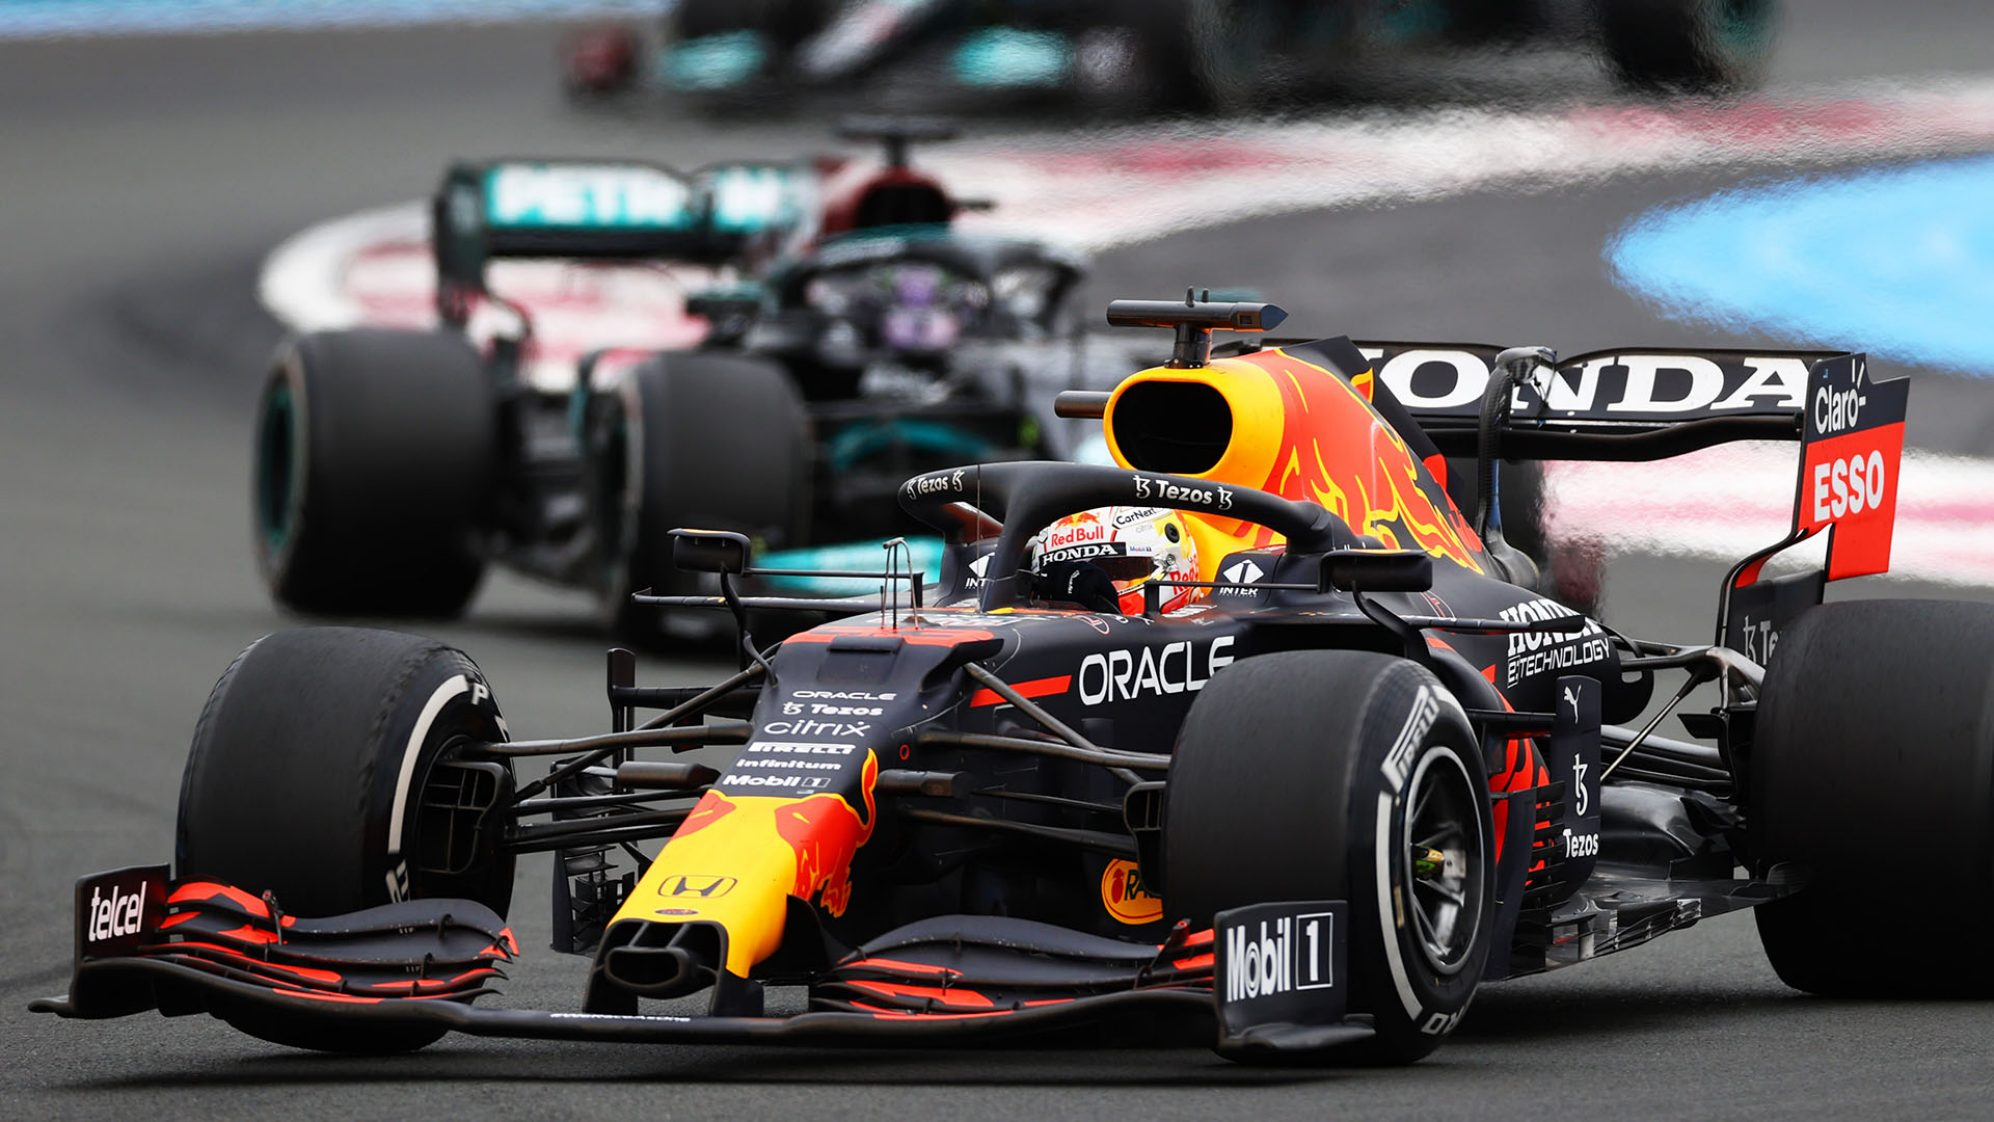 GP Francia: Verstappen beffa Hamilton al fotofinish e allunga in testa al mondiale